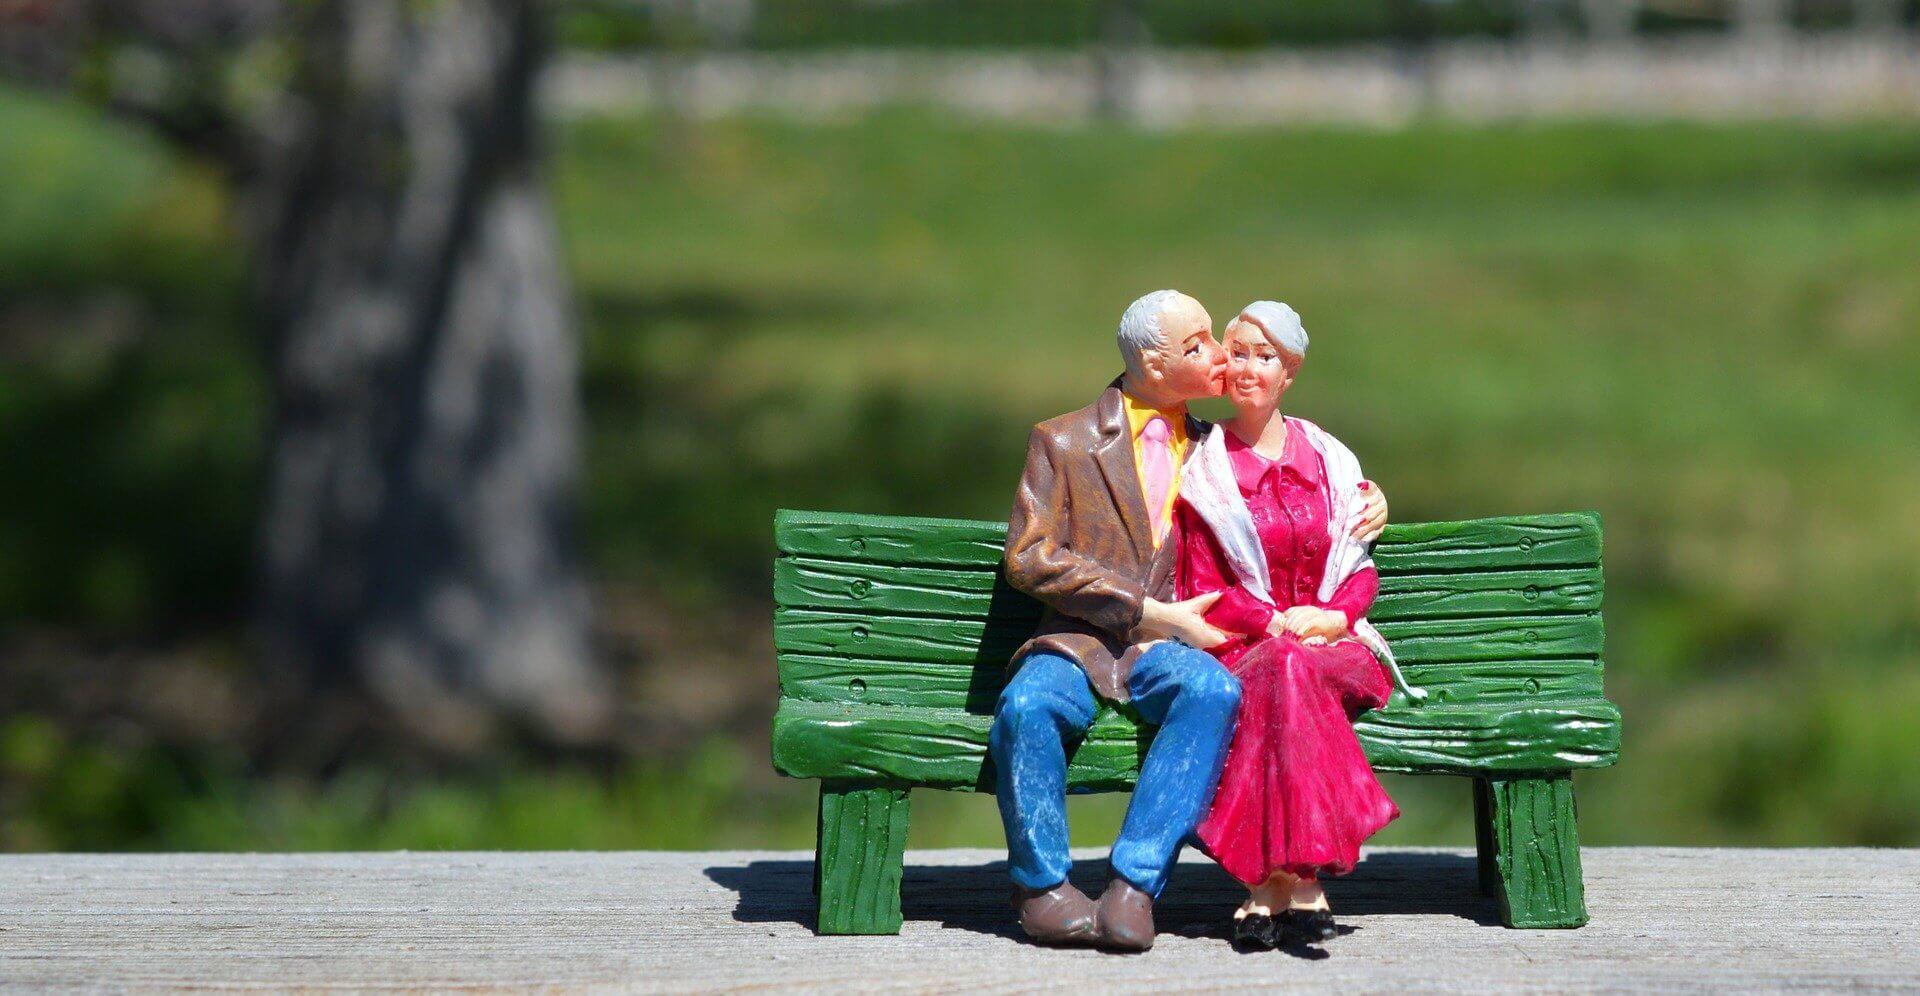 баба идядовци, възрастни хора, съвети, мъдри съвети, литературазамен